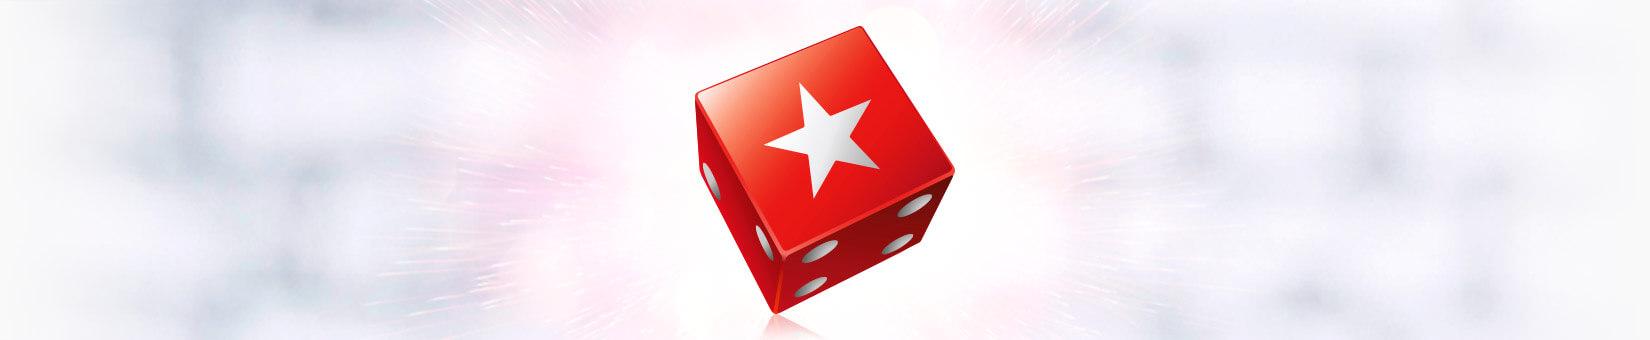 Reglas del poker casino online confiable Málaga-625001